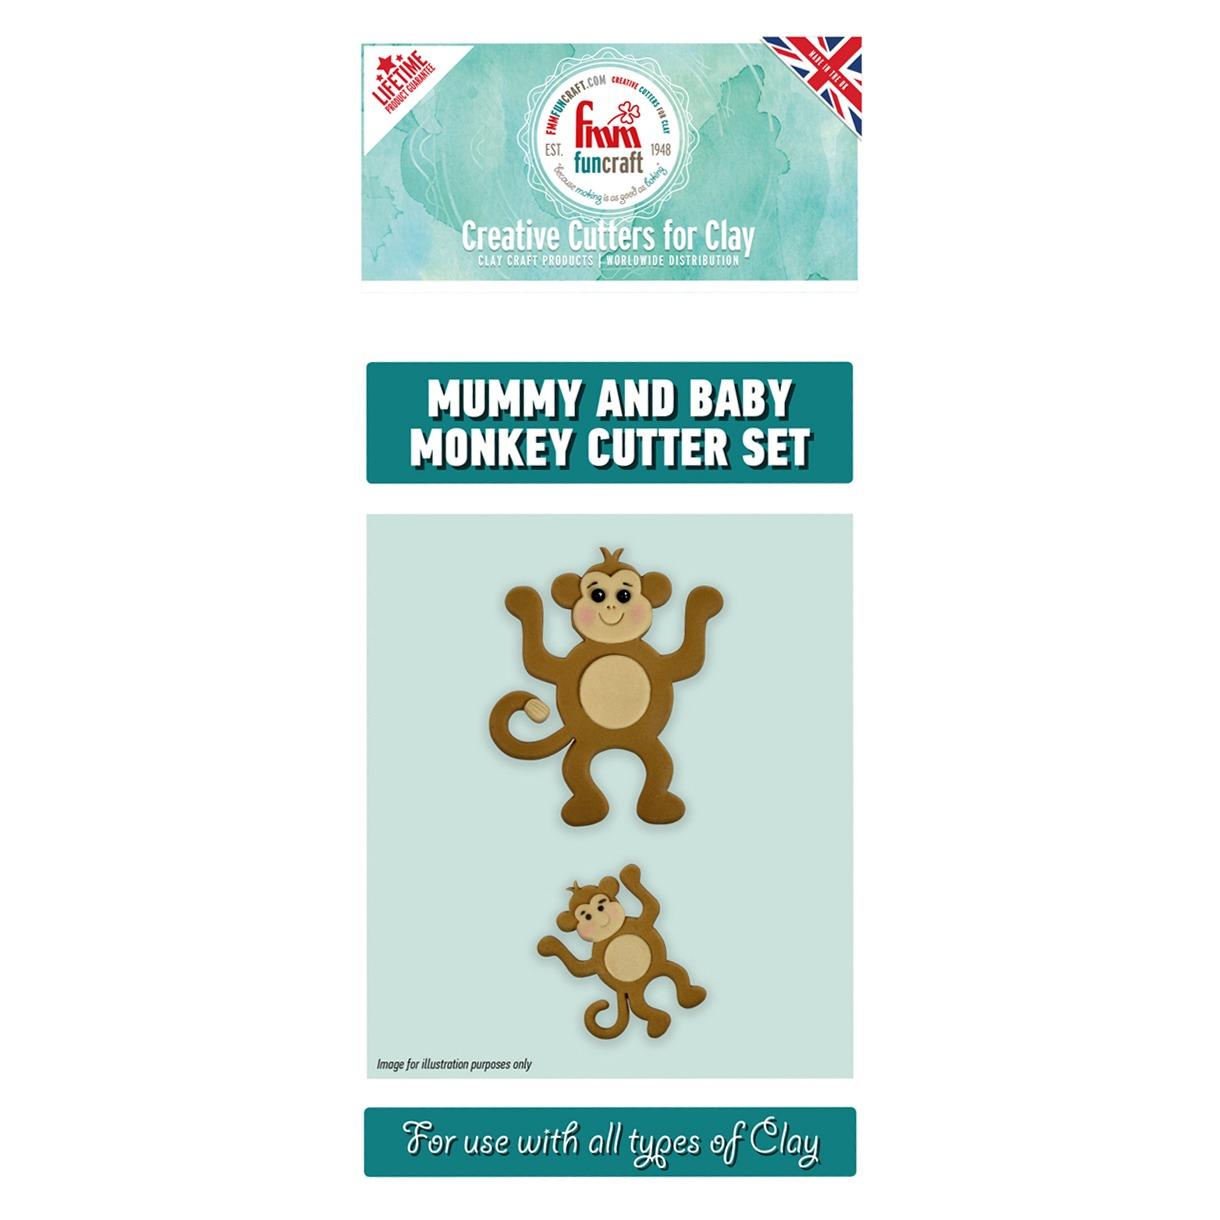 fmm mummy and baby monkey cutter set